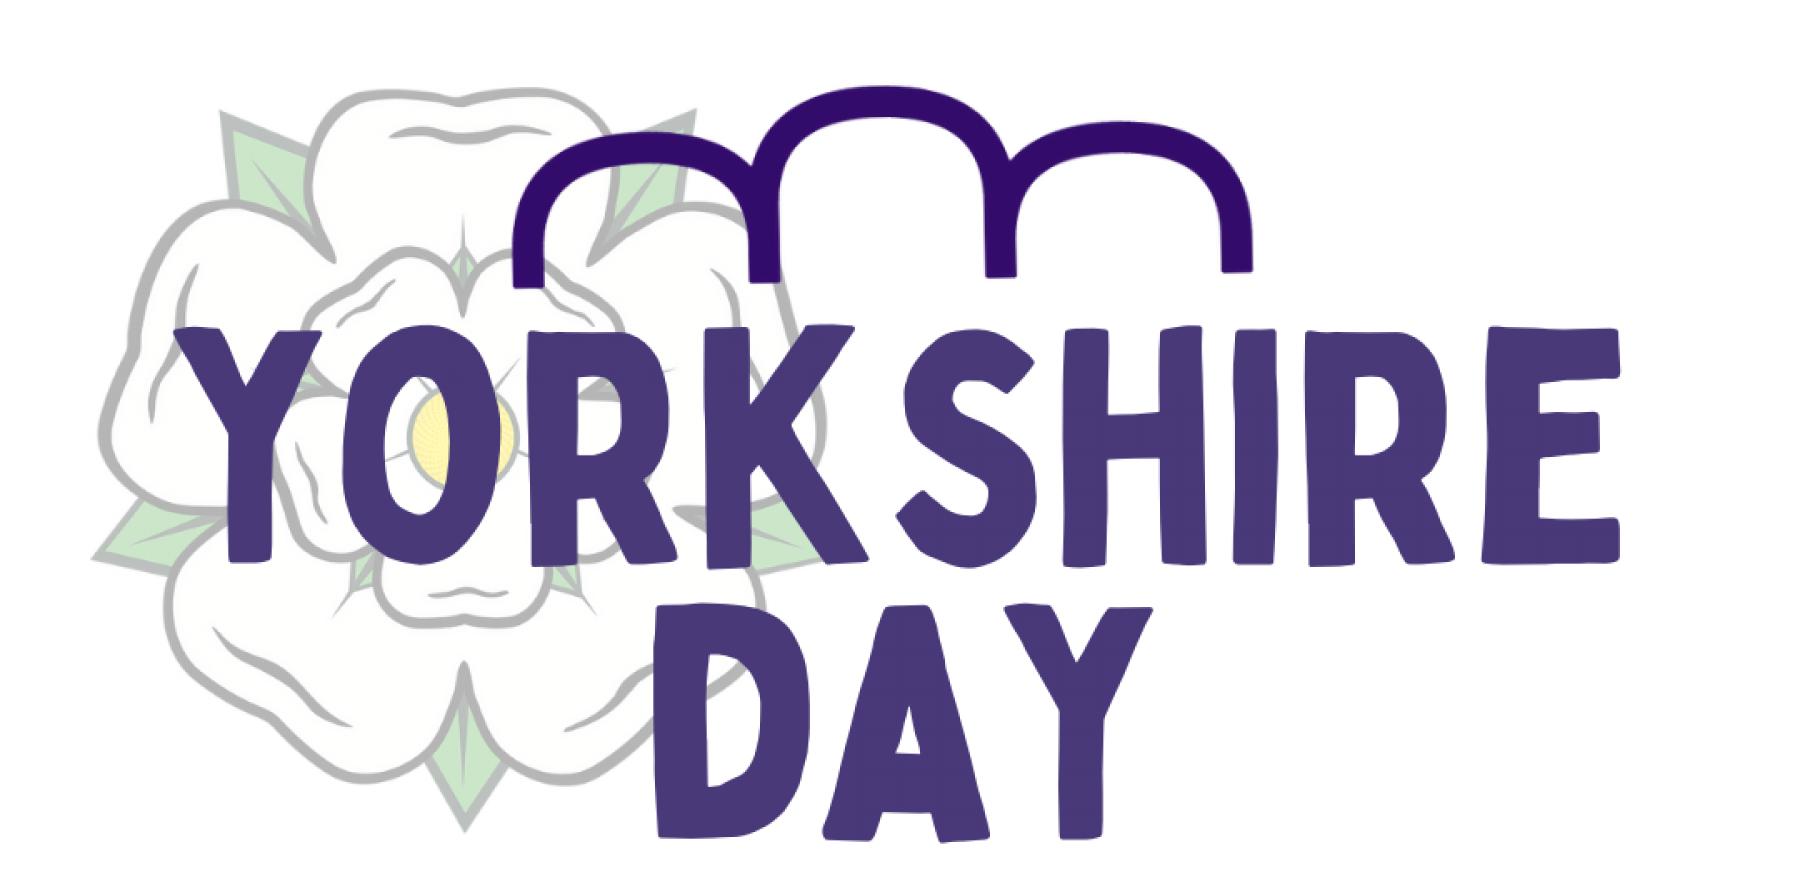 Yorkshire Day logo 7